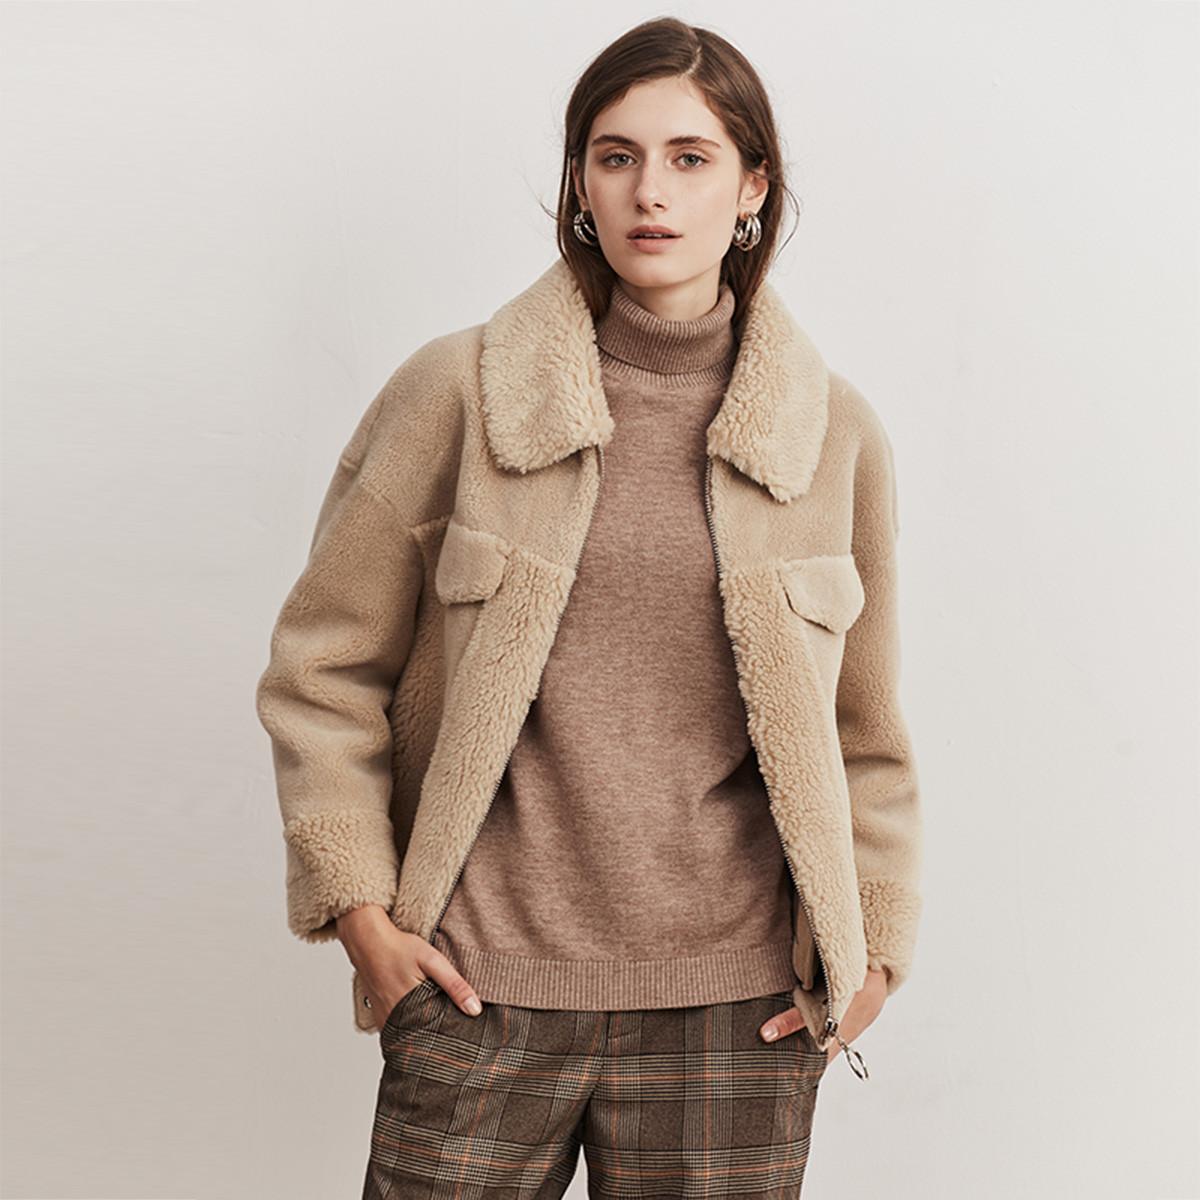 兽王秋冬新款女士复合皮毛一体外套颗粒羊毛翻领拉链保暖羊剪绒大衣190225701671